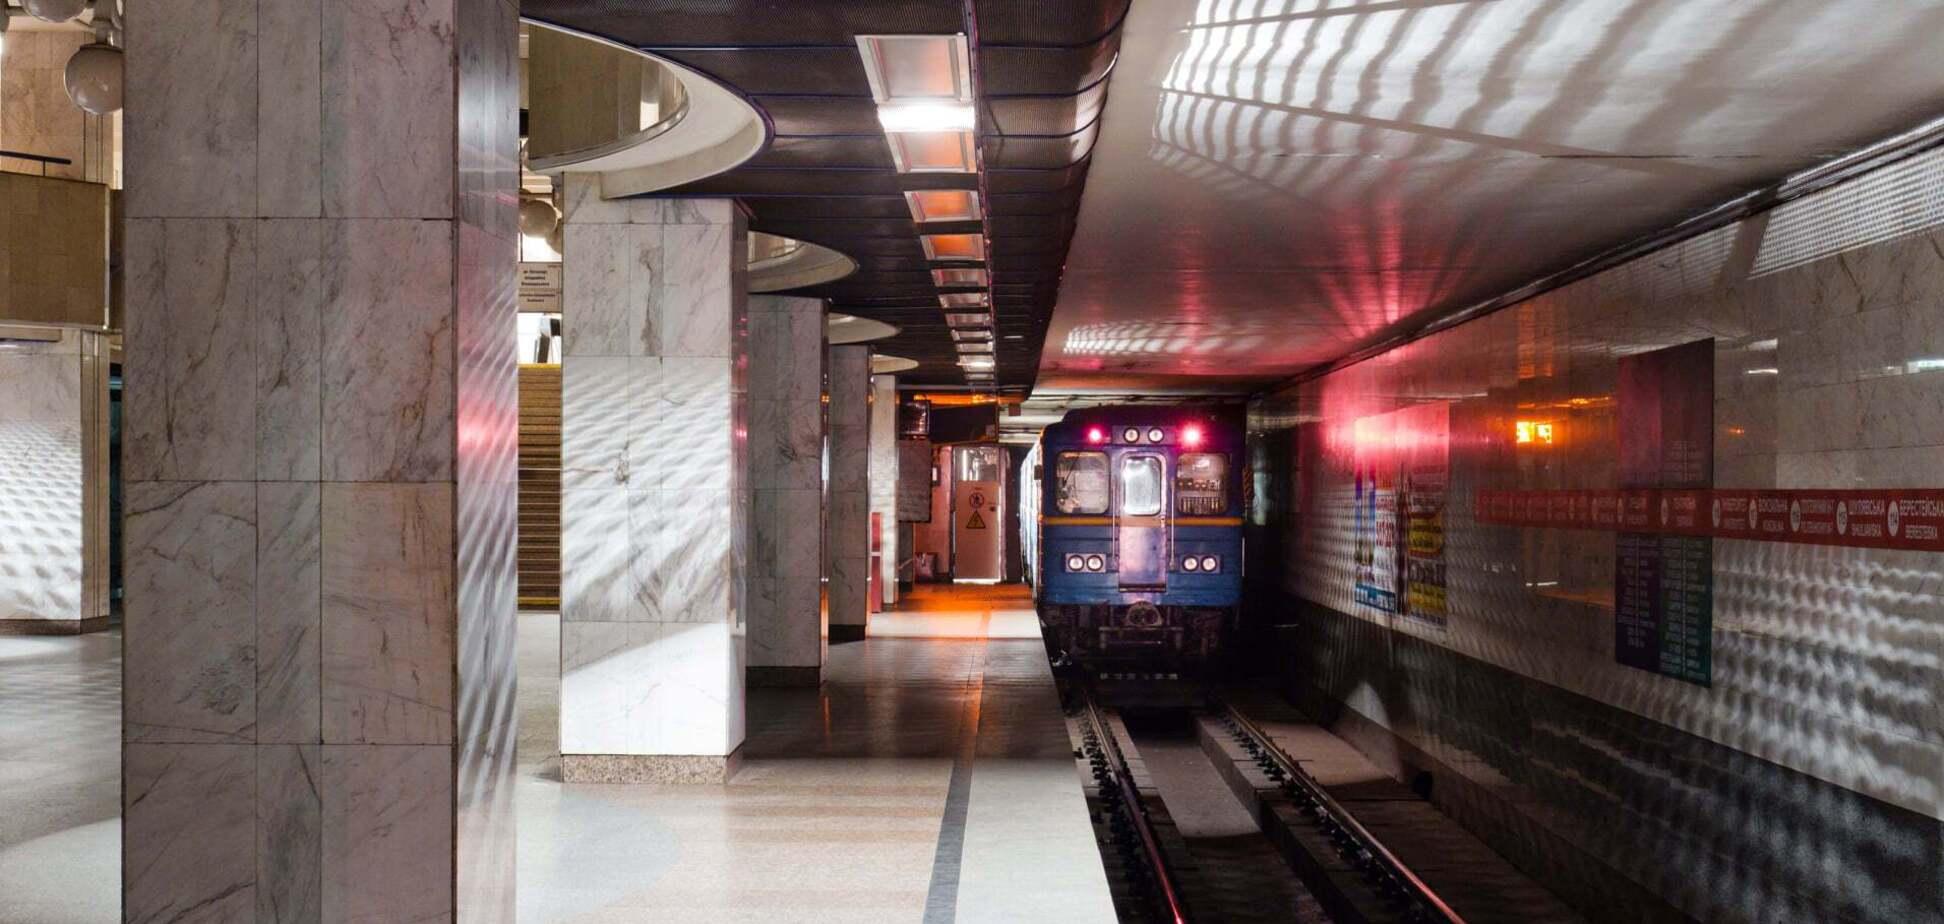 Метро Києва визначилося з найпопулярнішою станцією